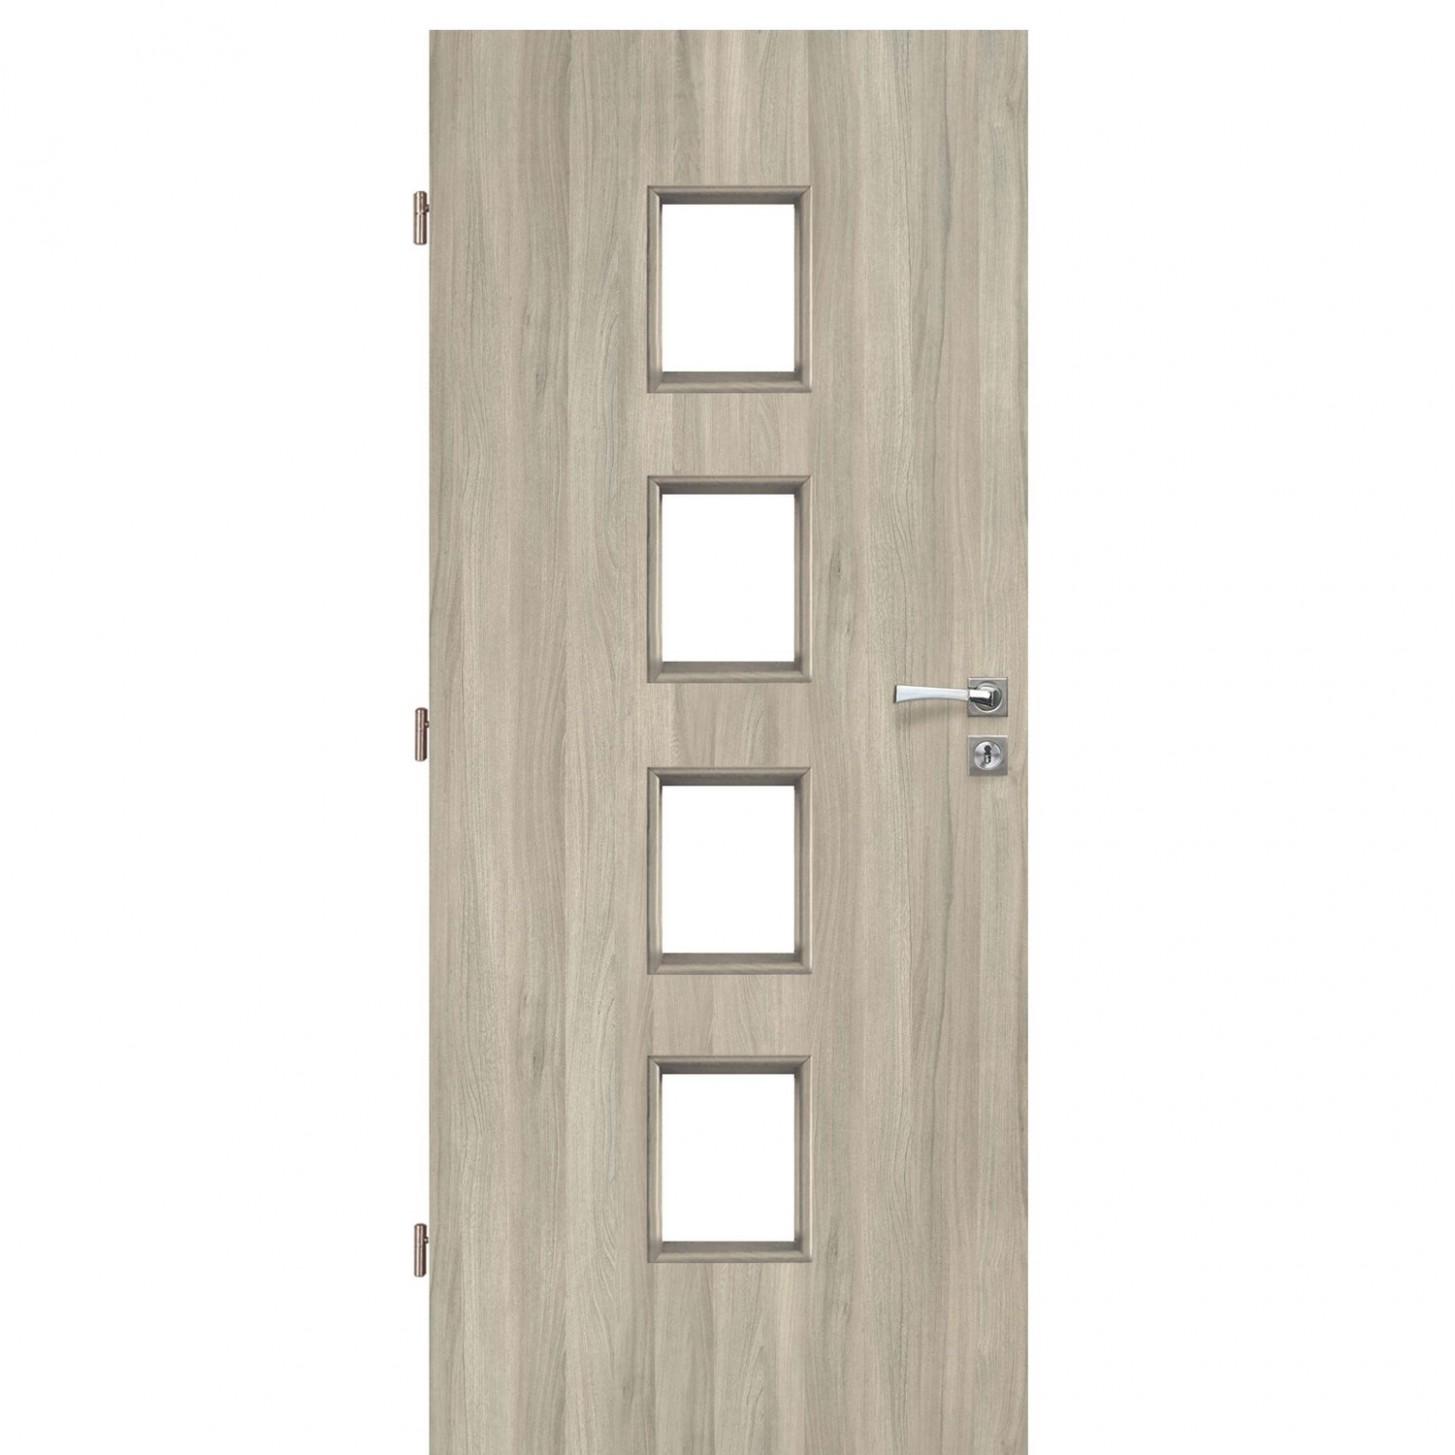 Voster Interiérové dveře Aruba 5/5 dub scandinávský 5 L